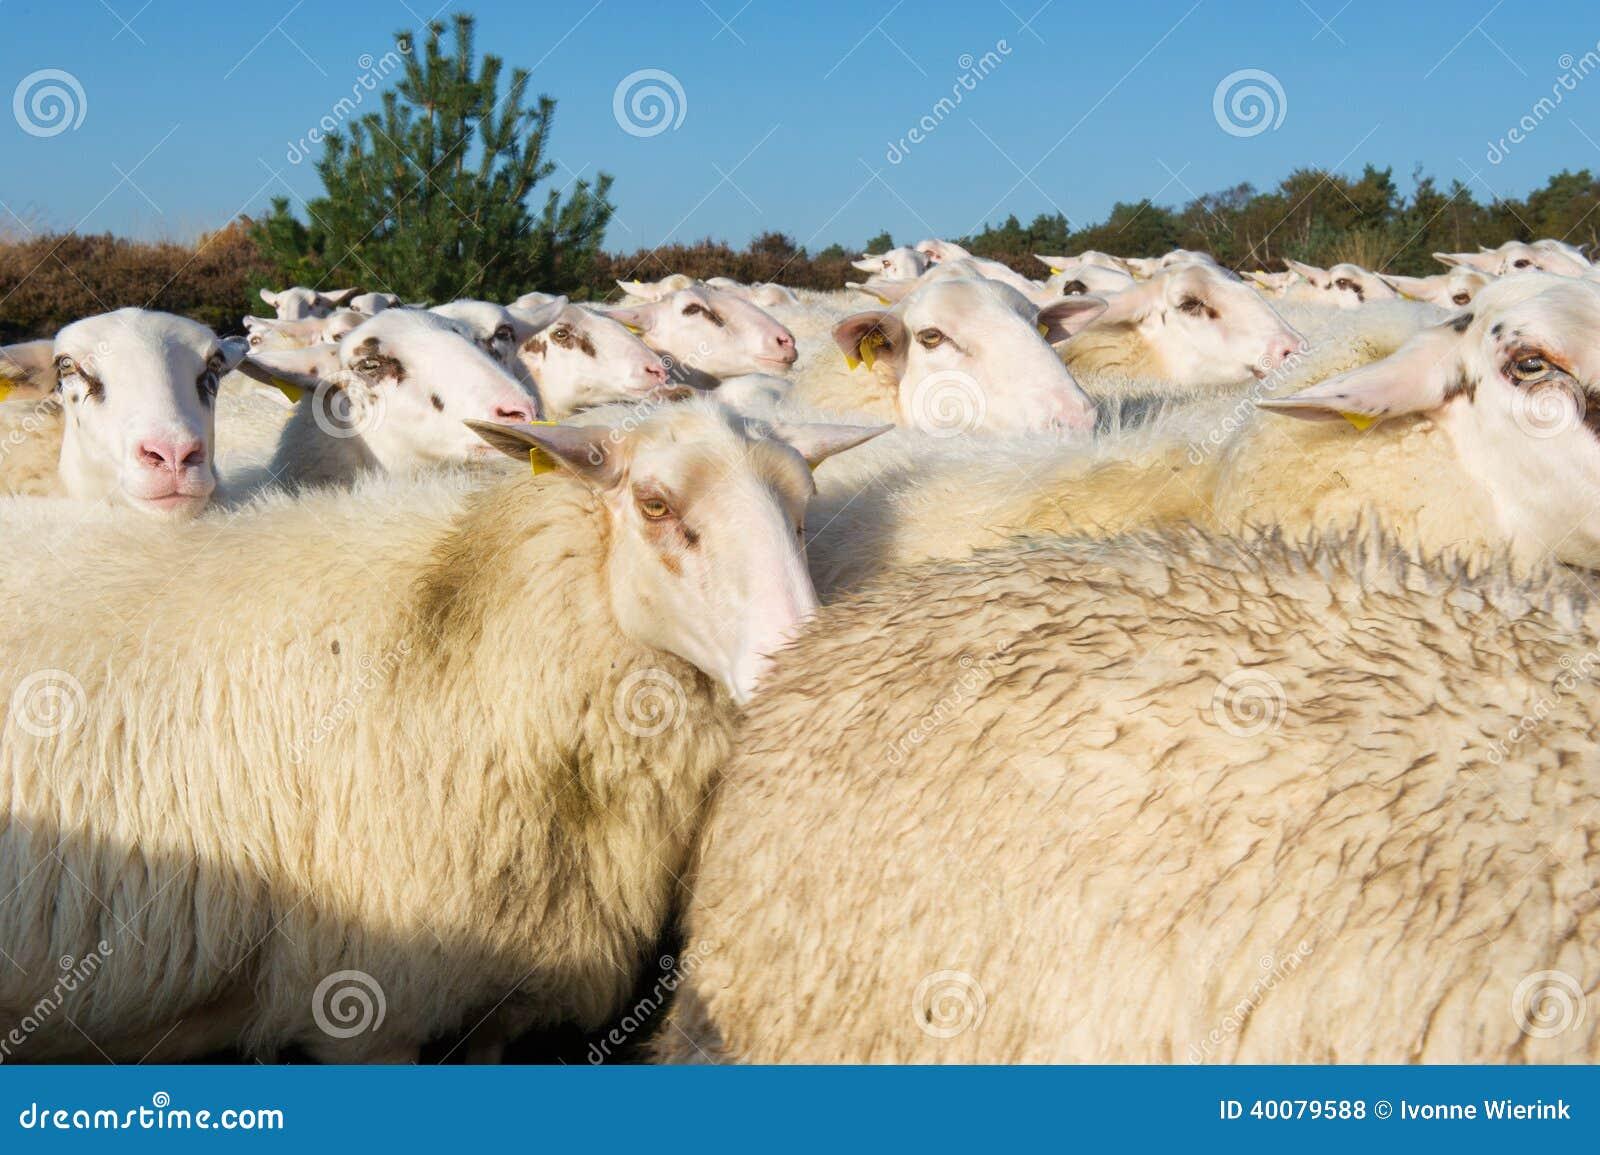 White sheep herd - photo#23